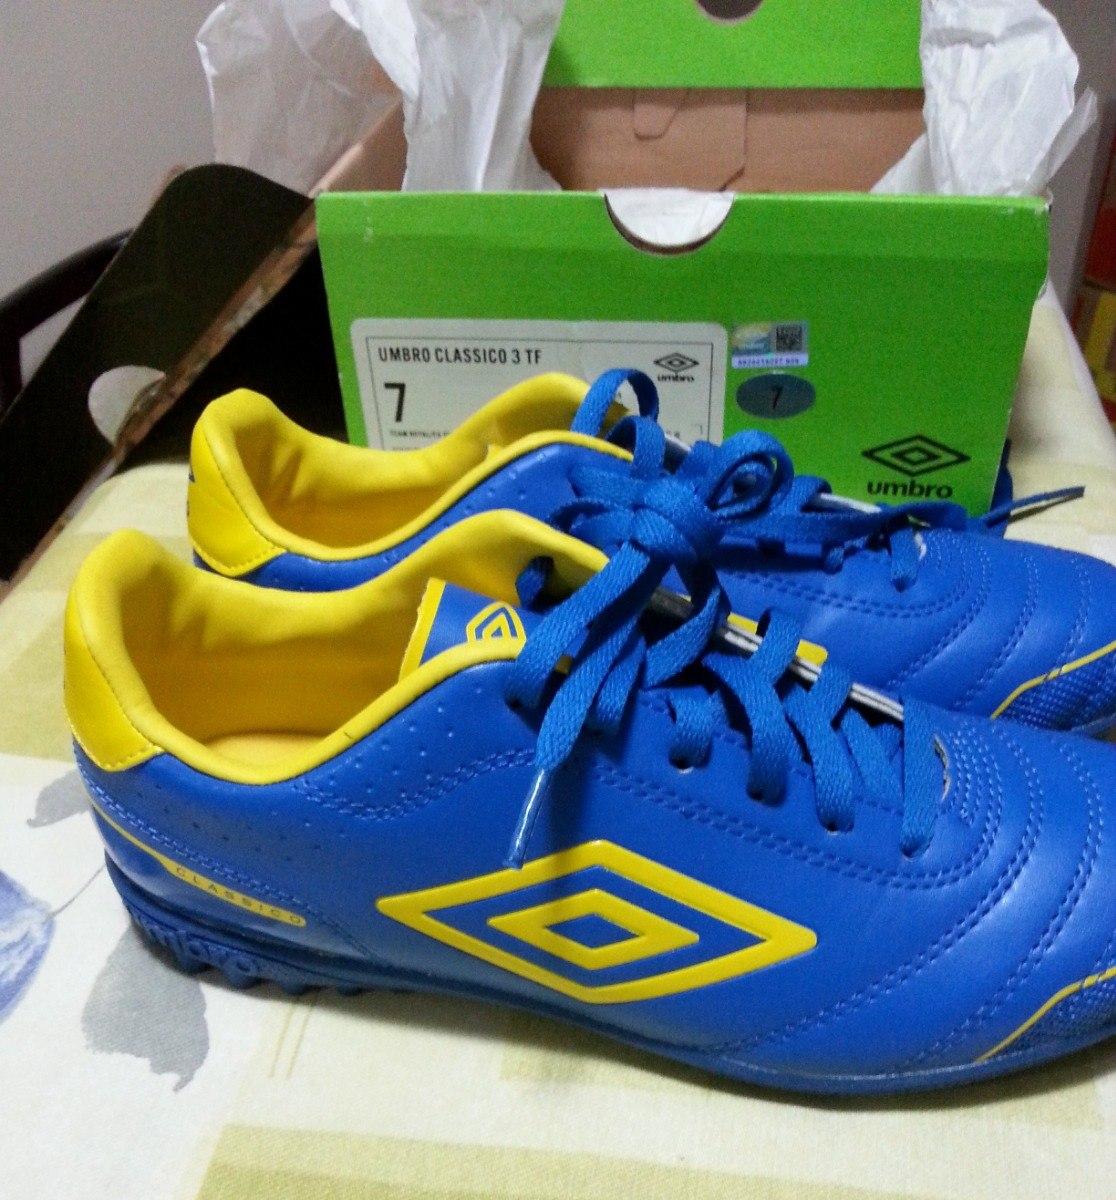 de3c6a118946f Zapatos De Futbol Umbro Nuevos Talla 40 Classico 3 Tf - Bs. 15.000 ...